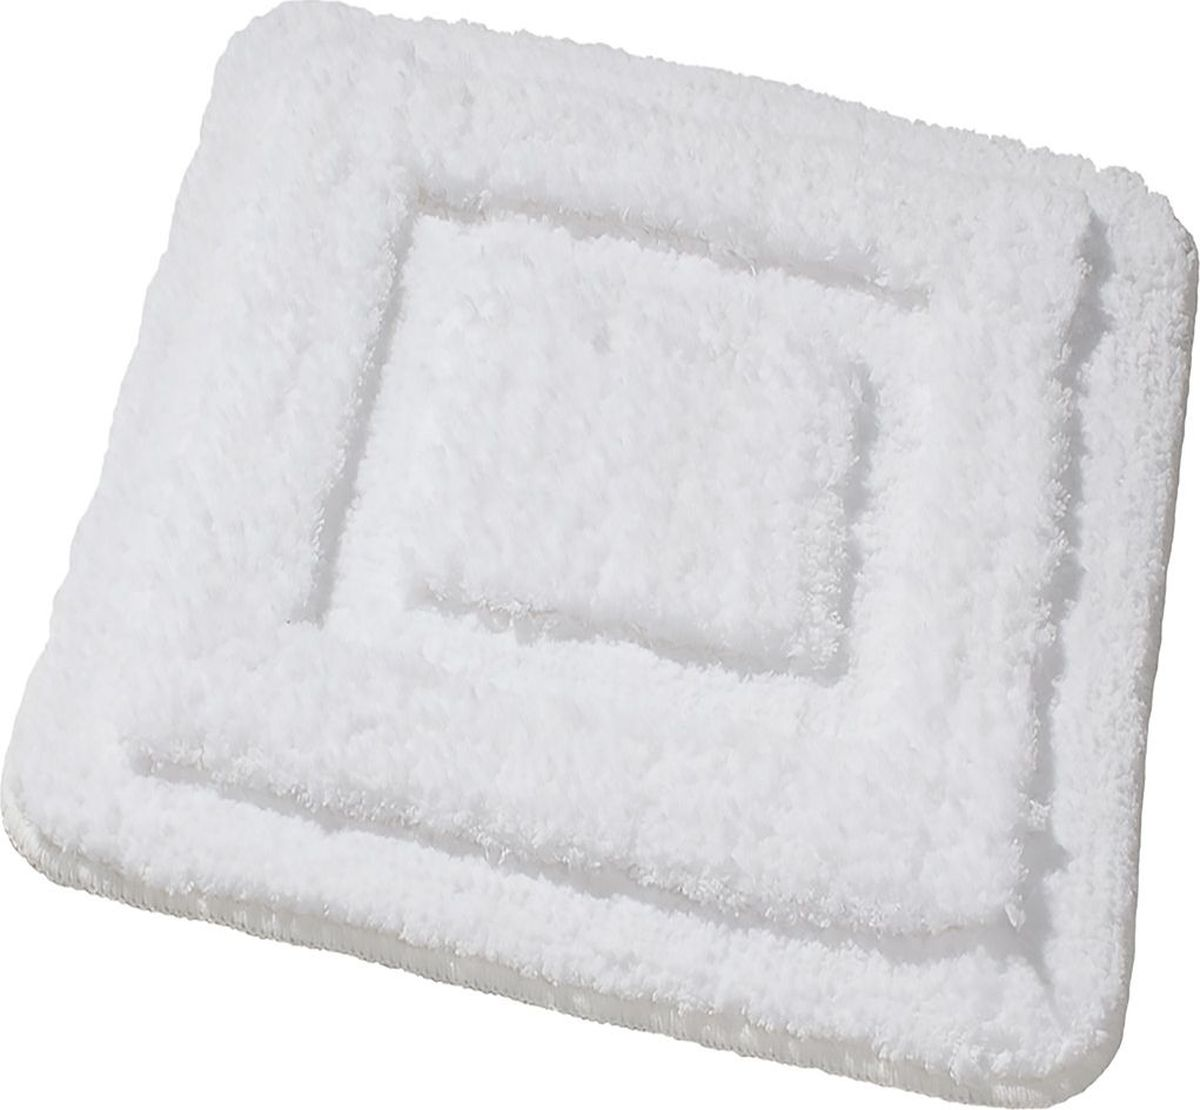 Коврик для ванной Ridder Juwel, цвет: белый, 55 х 50 см babyono коврик противоскользящий для ванной цвет зеленый 55 х 35 см